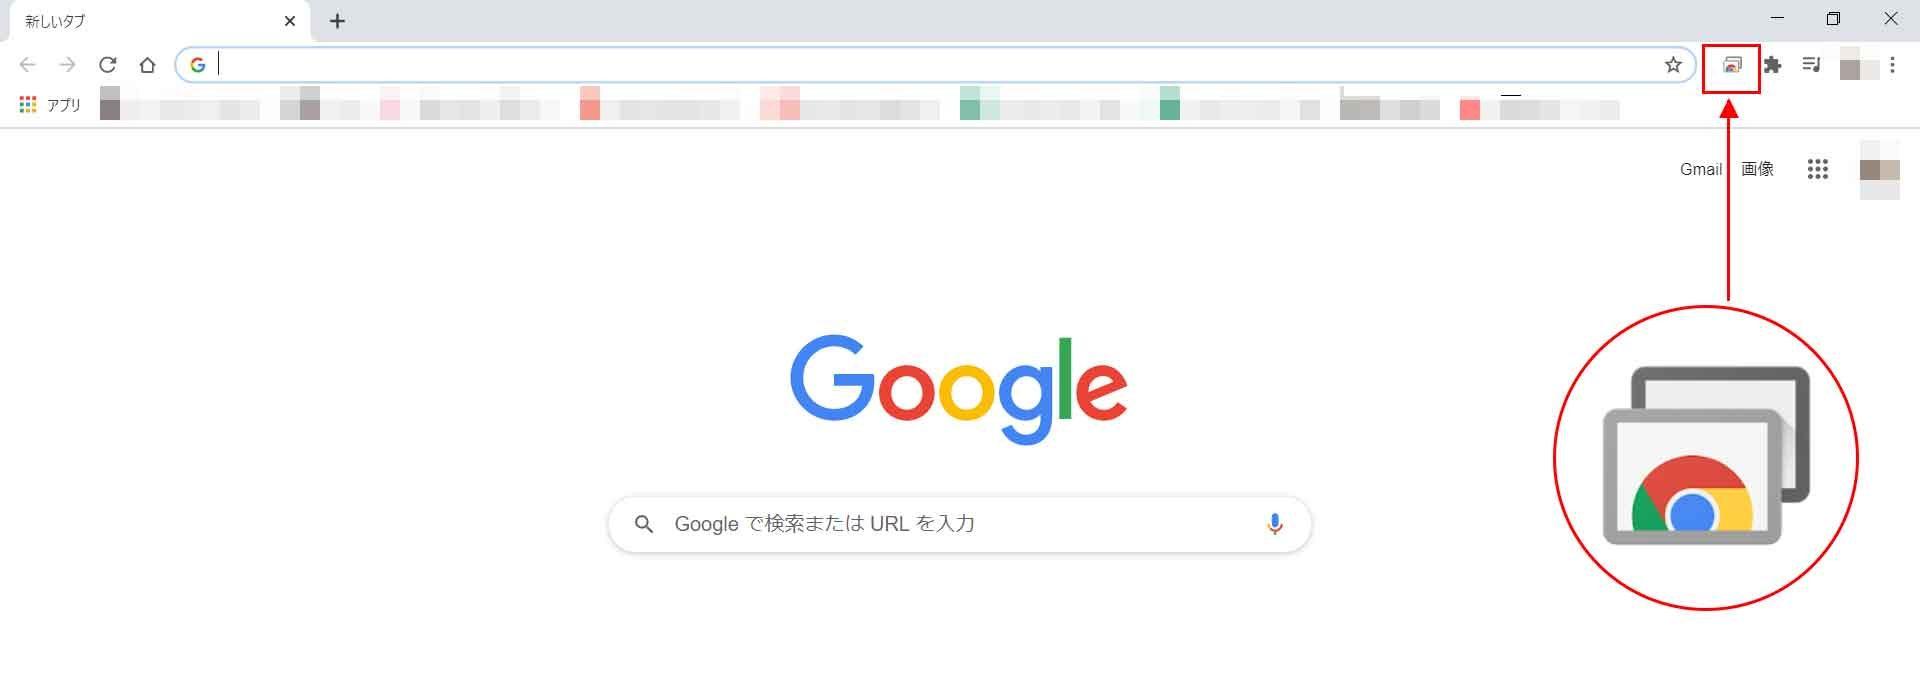 ChromeブラウザでChromeリモートデスクトップを開く